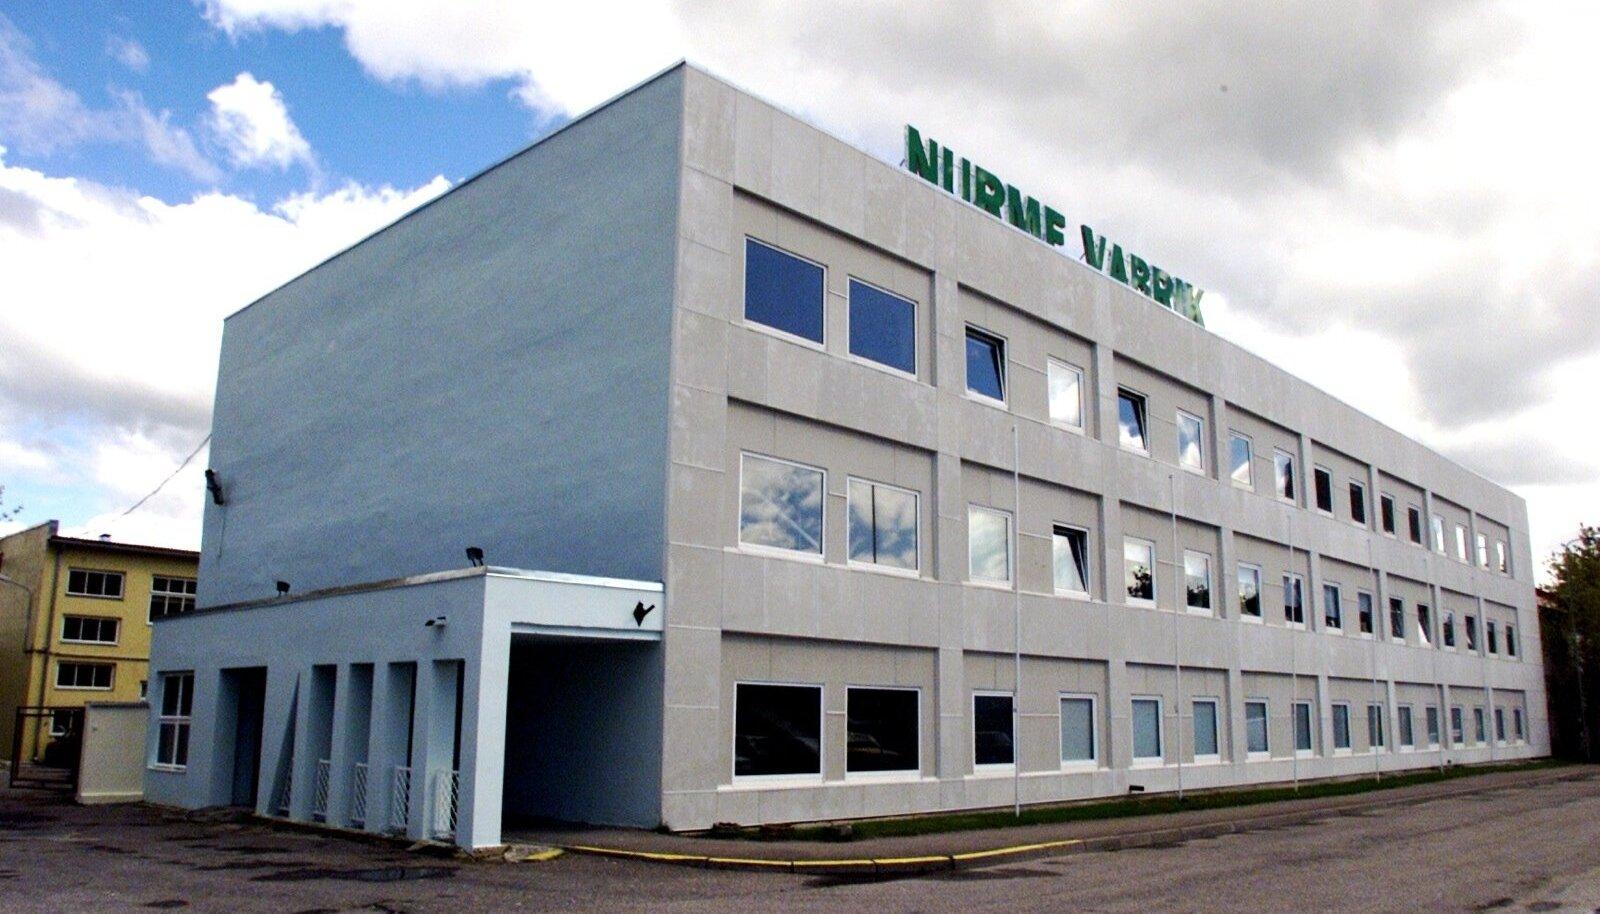 Nurme vabrik